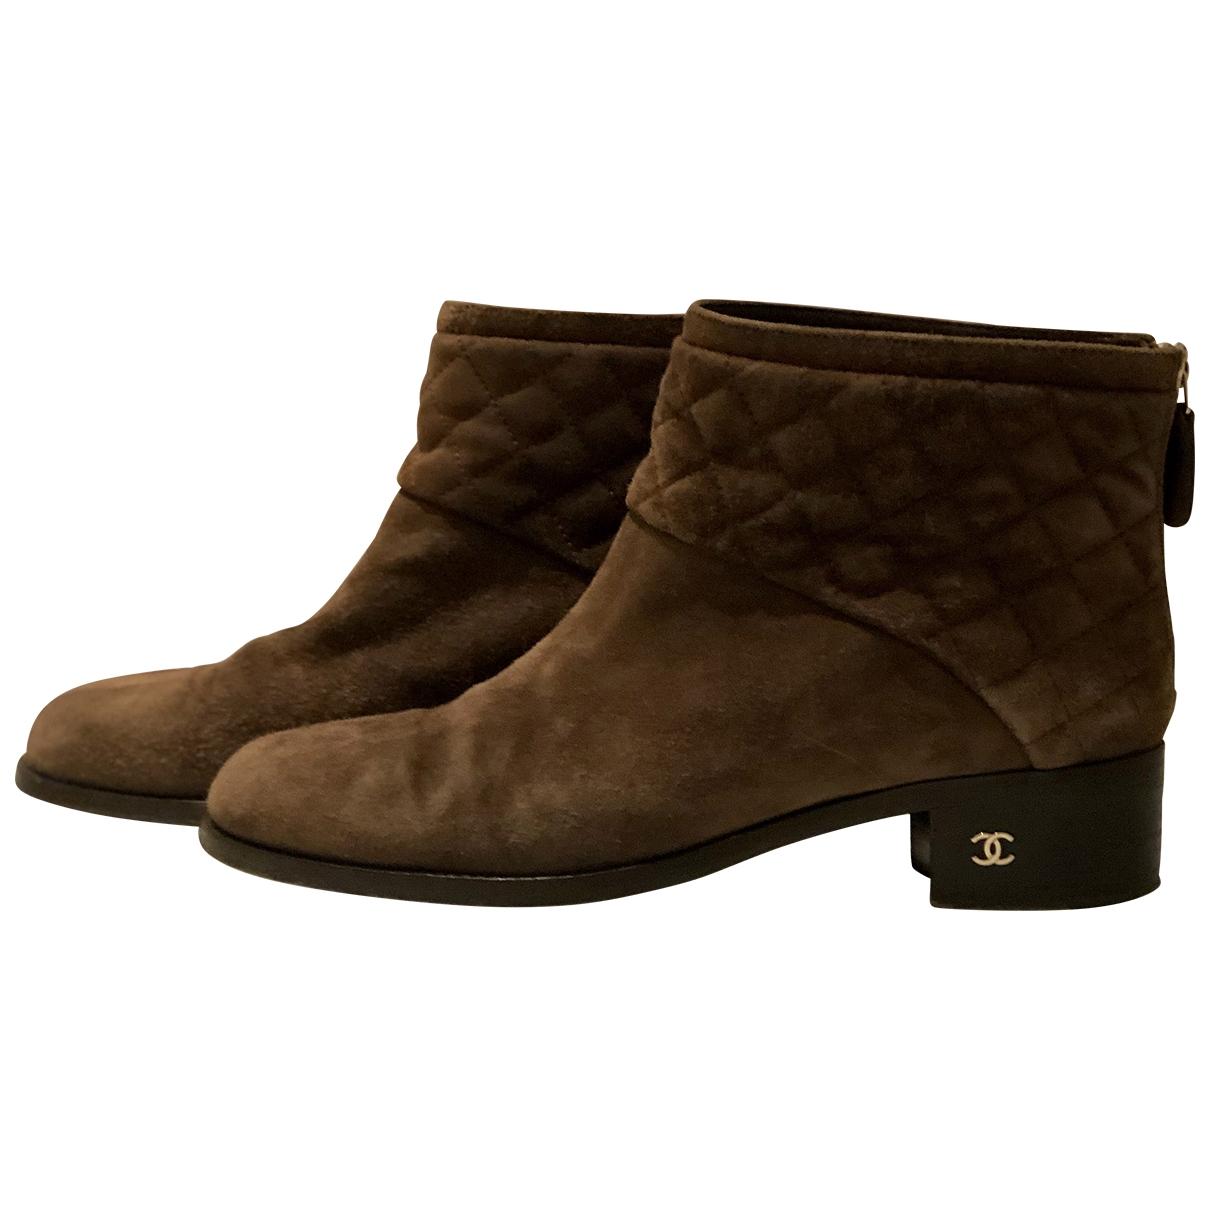 Chanel - Boots   pour femme en suede - marron